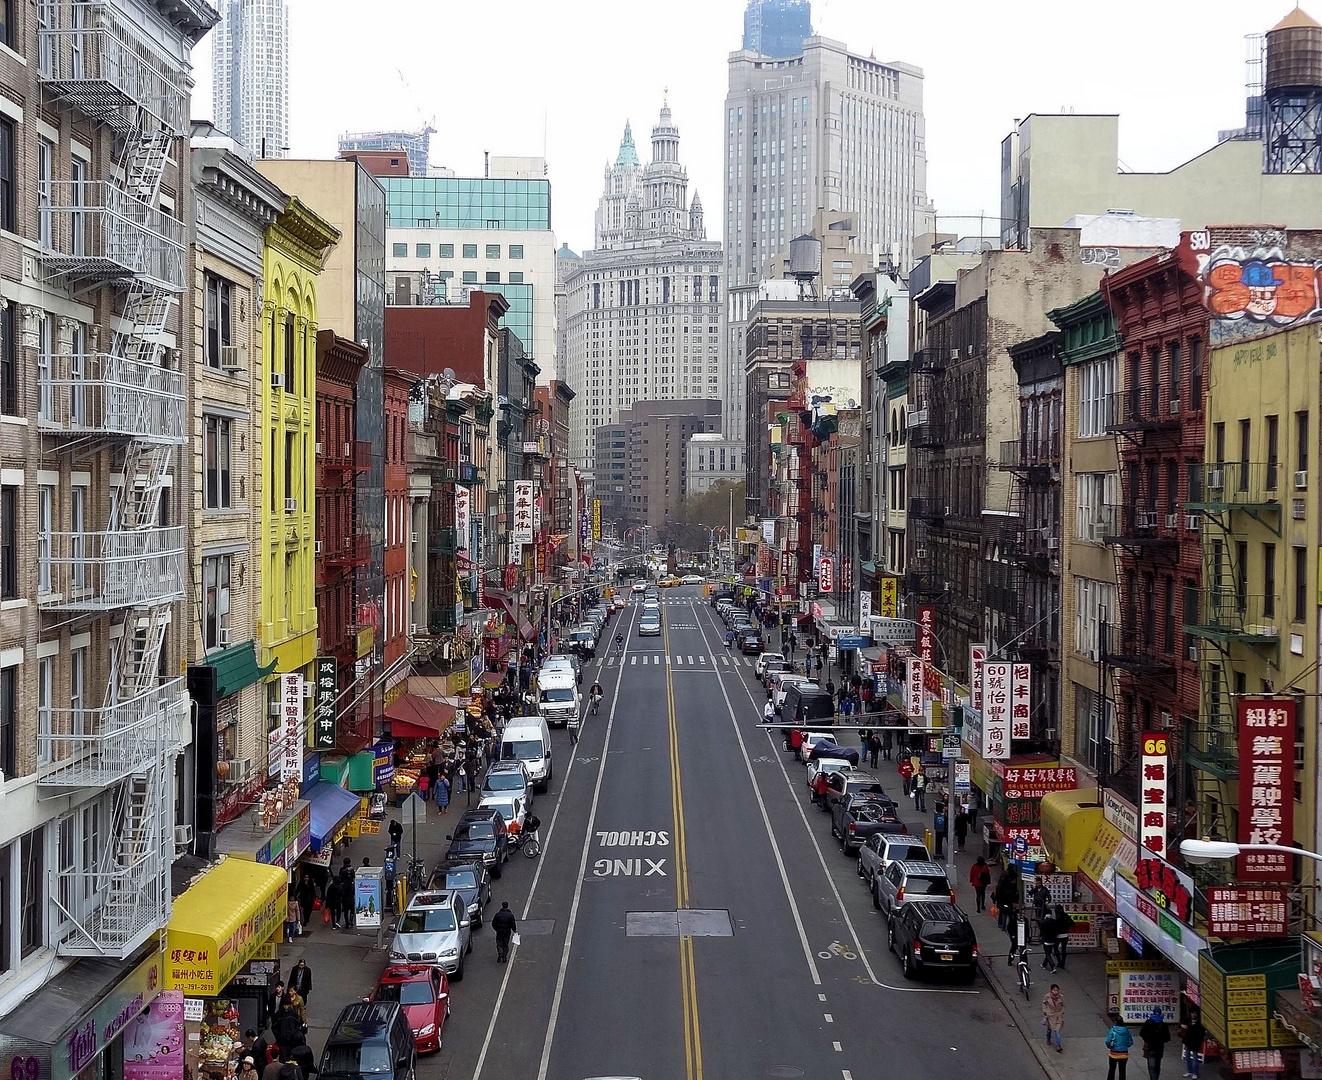 sonntagsstrasse in chinatown